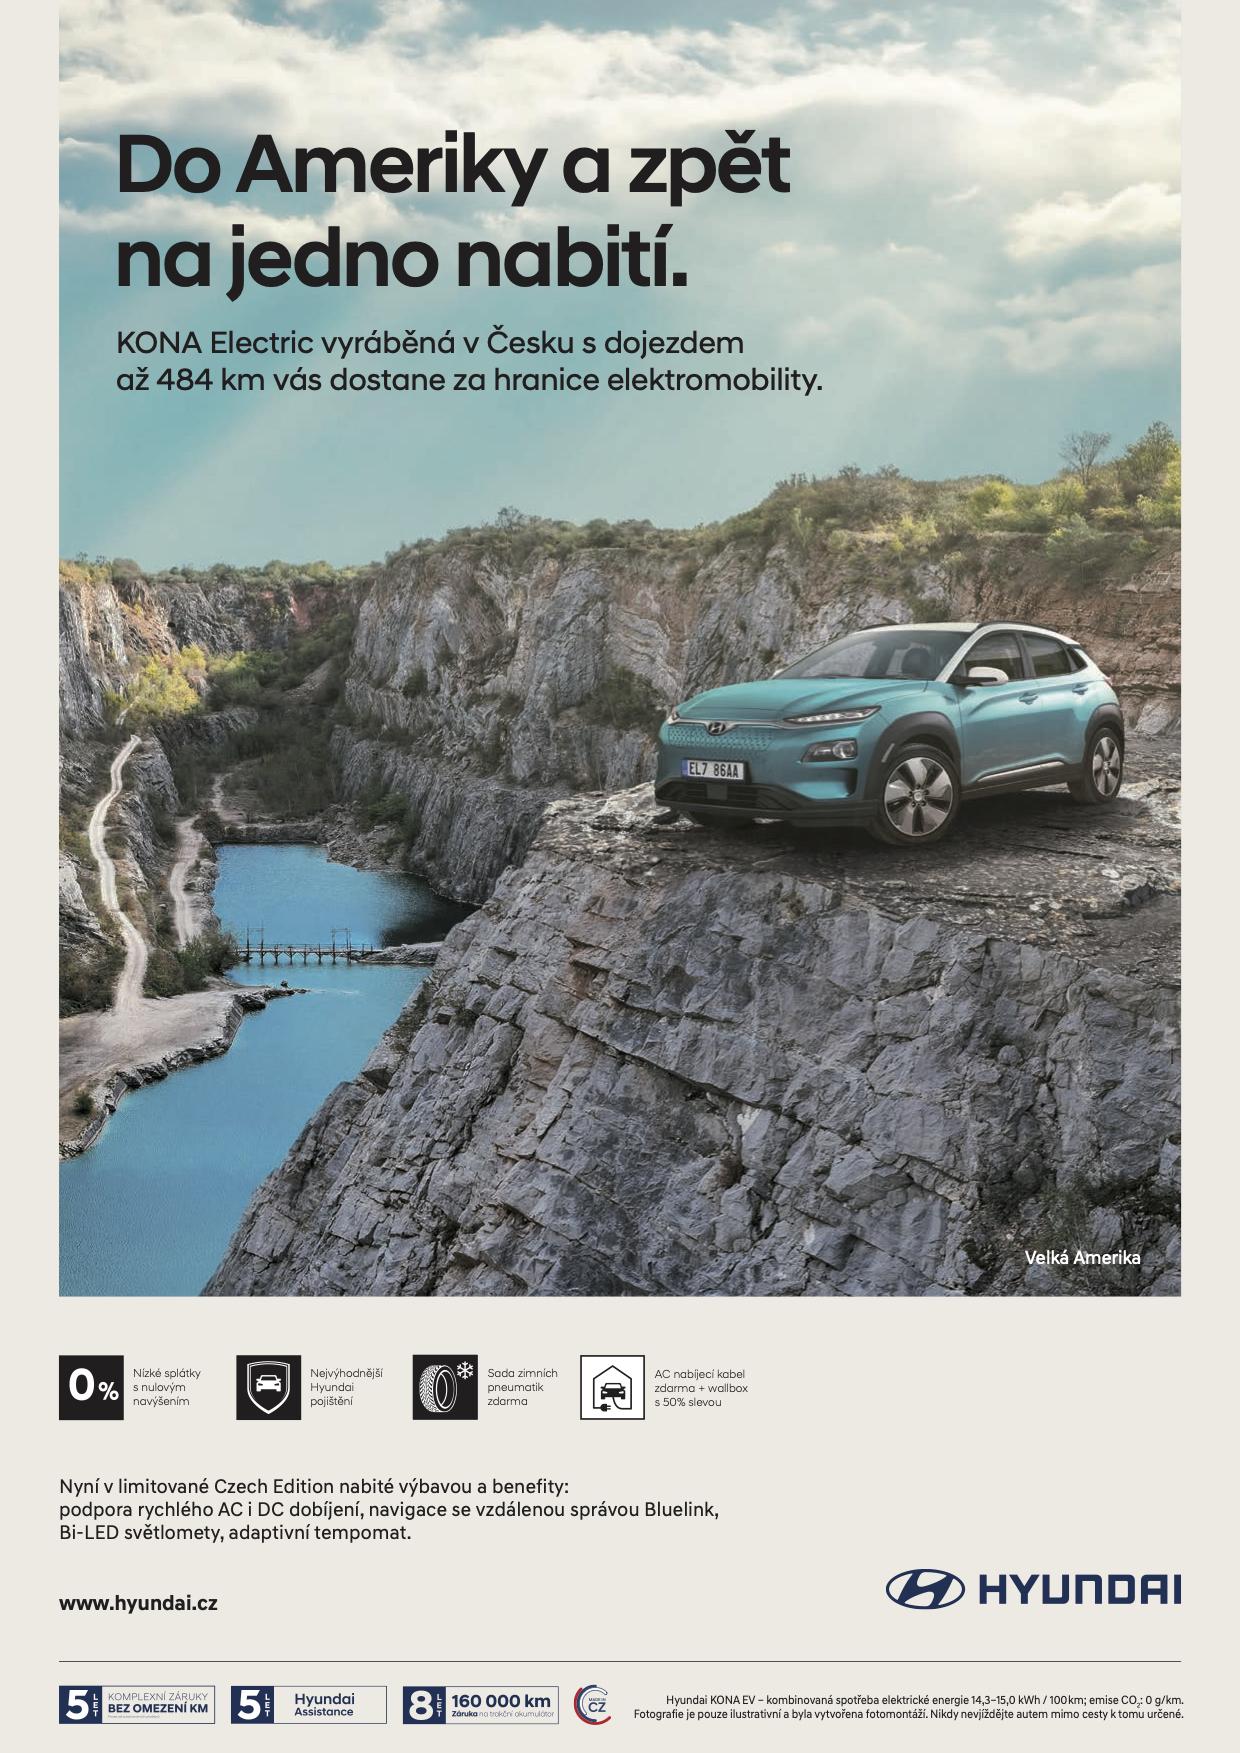 Hyundai Kona: Na jedno nabití (VCCP Prague)